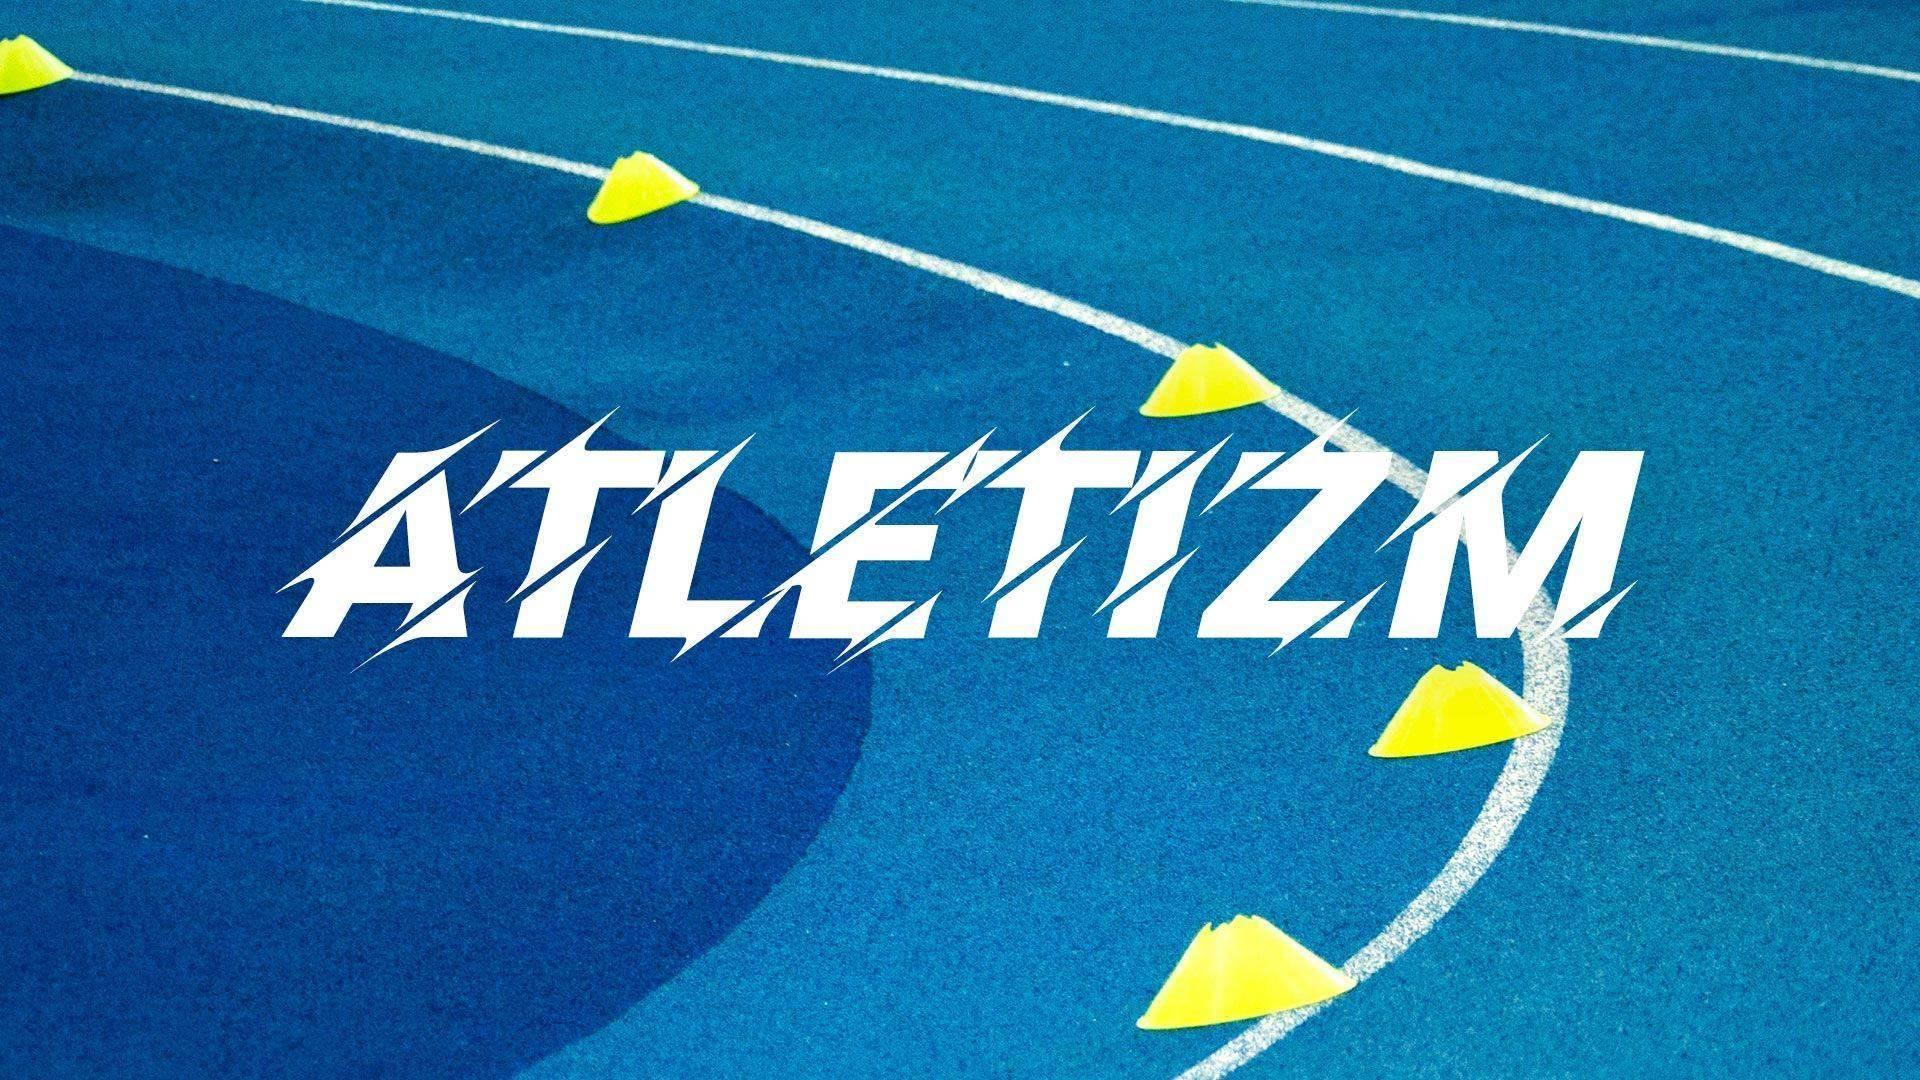 Fenerbahçeli milli atletlerimizden başarılı sonuçlar